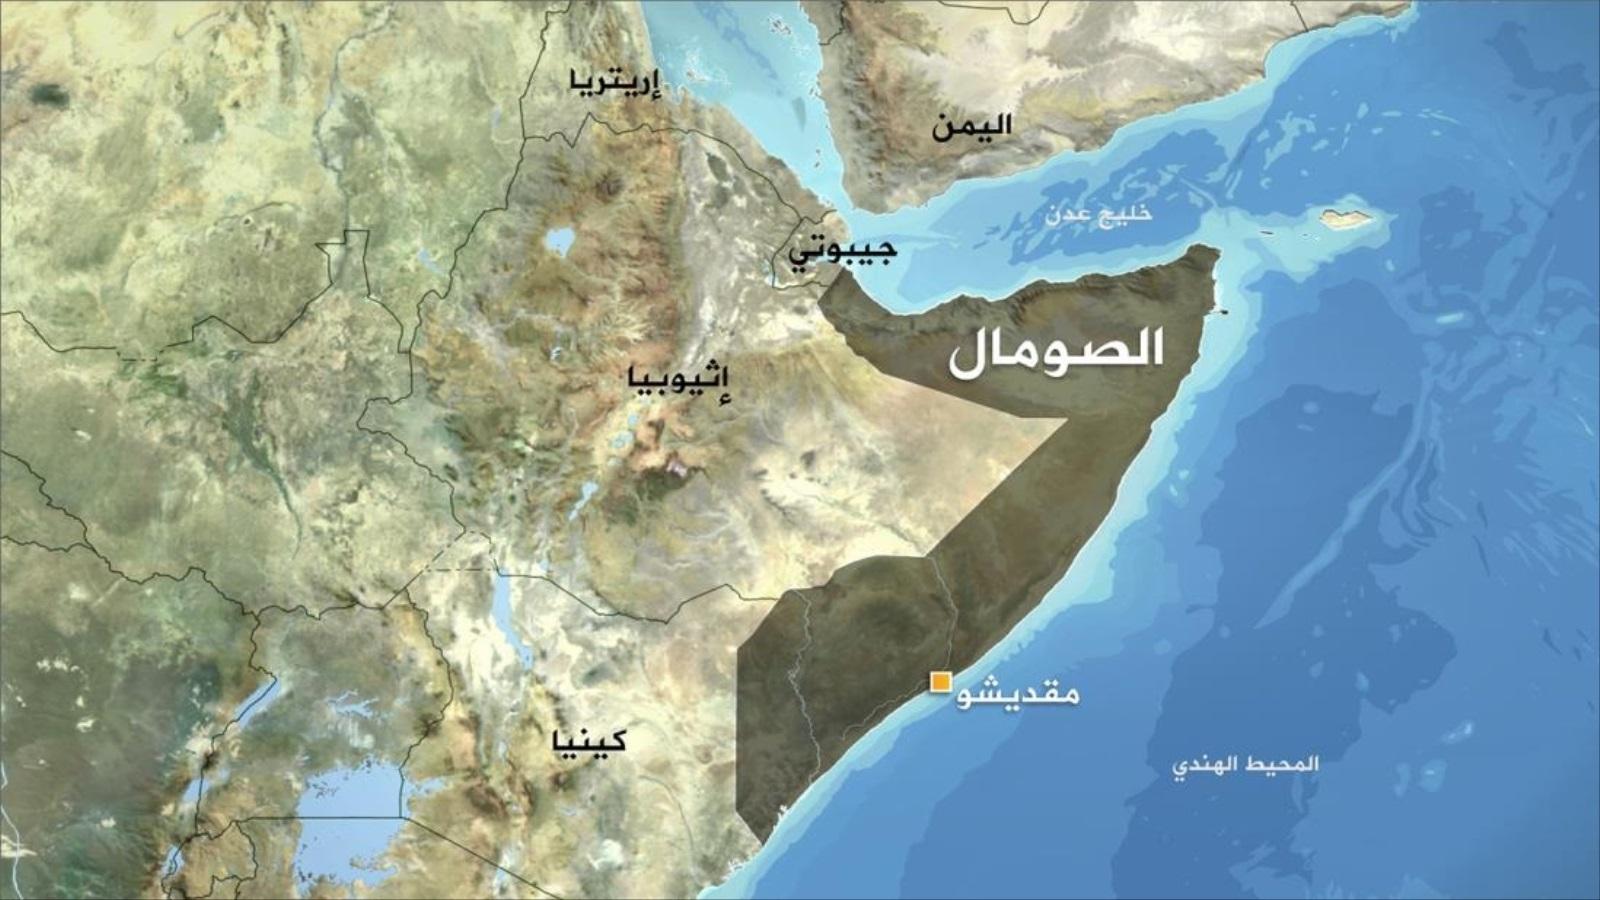 زيارة رئيس الوزراء الصومالي للقاهرة: الأهمية والأهداف